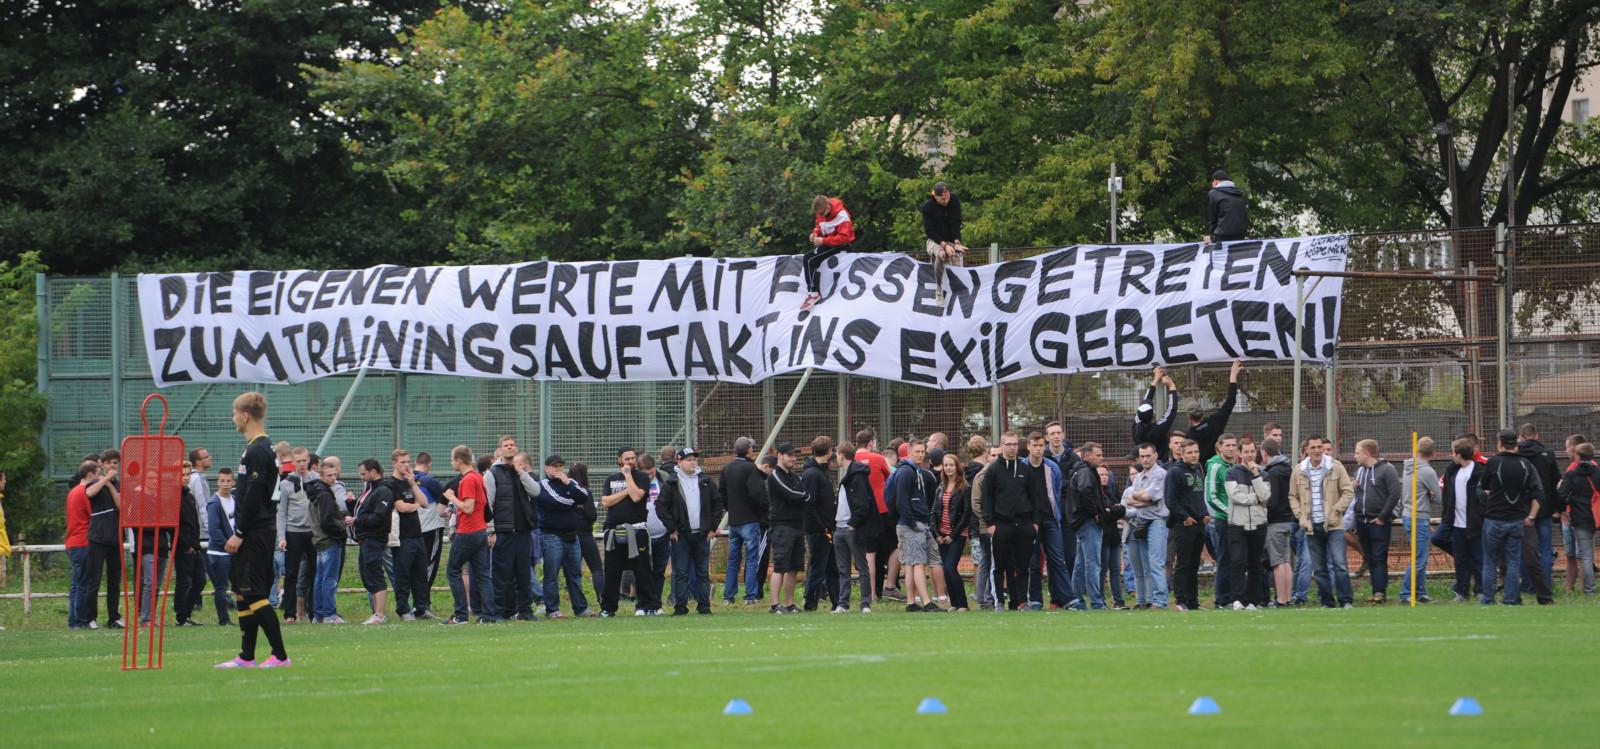 Fur Mehr Bodenhaftung Textilvergehen 1 Fc Union Berlin